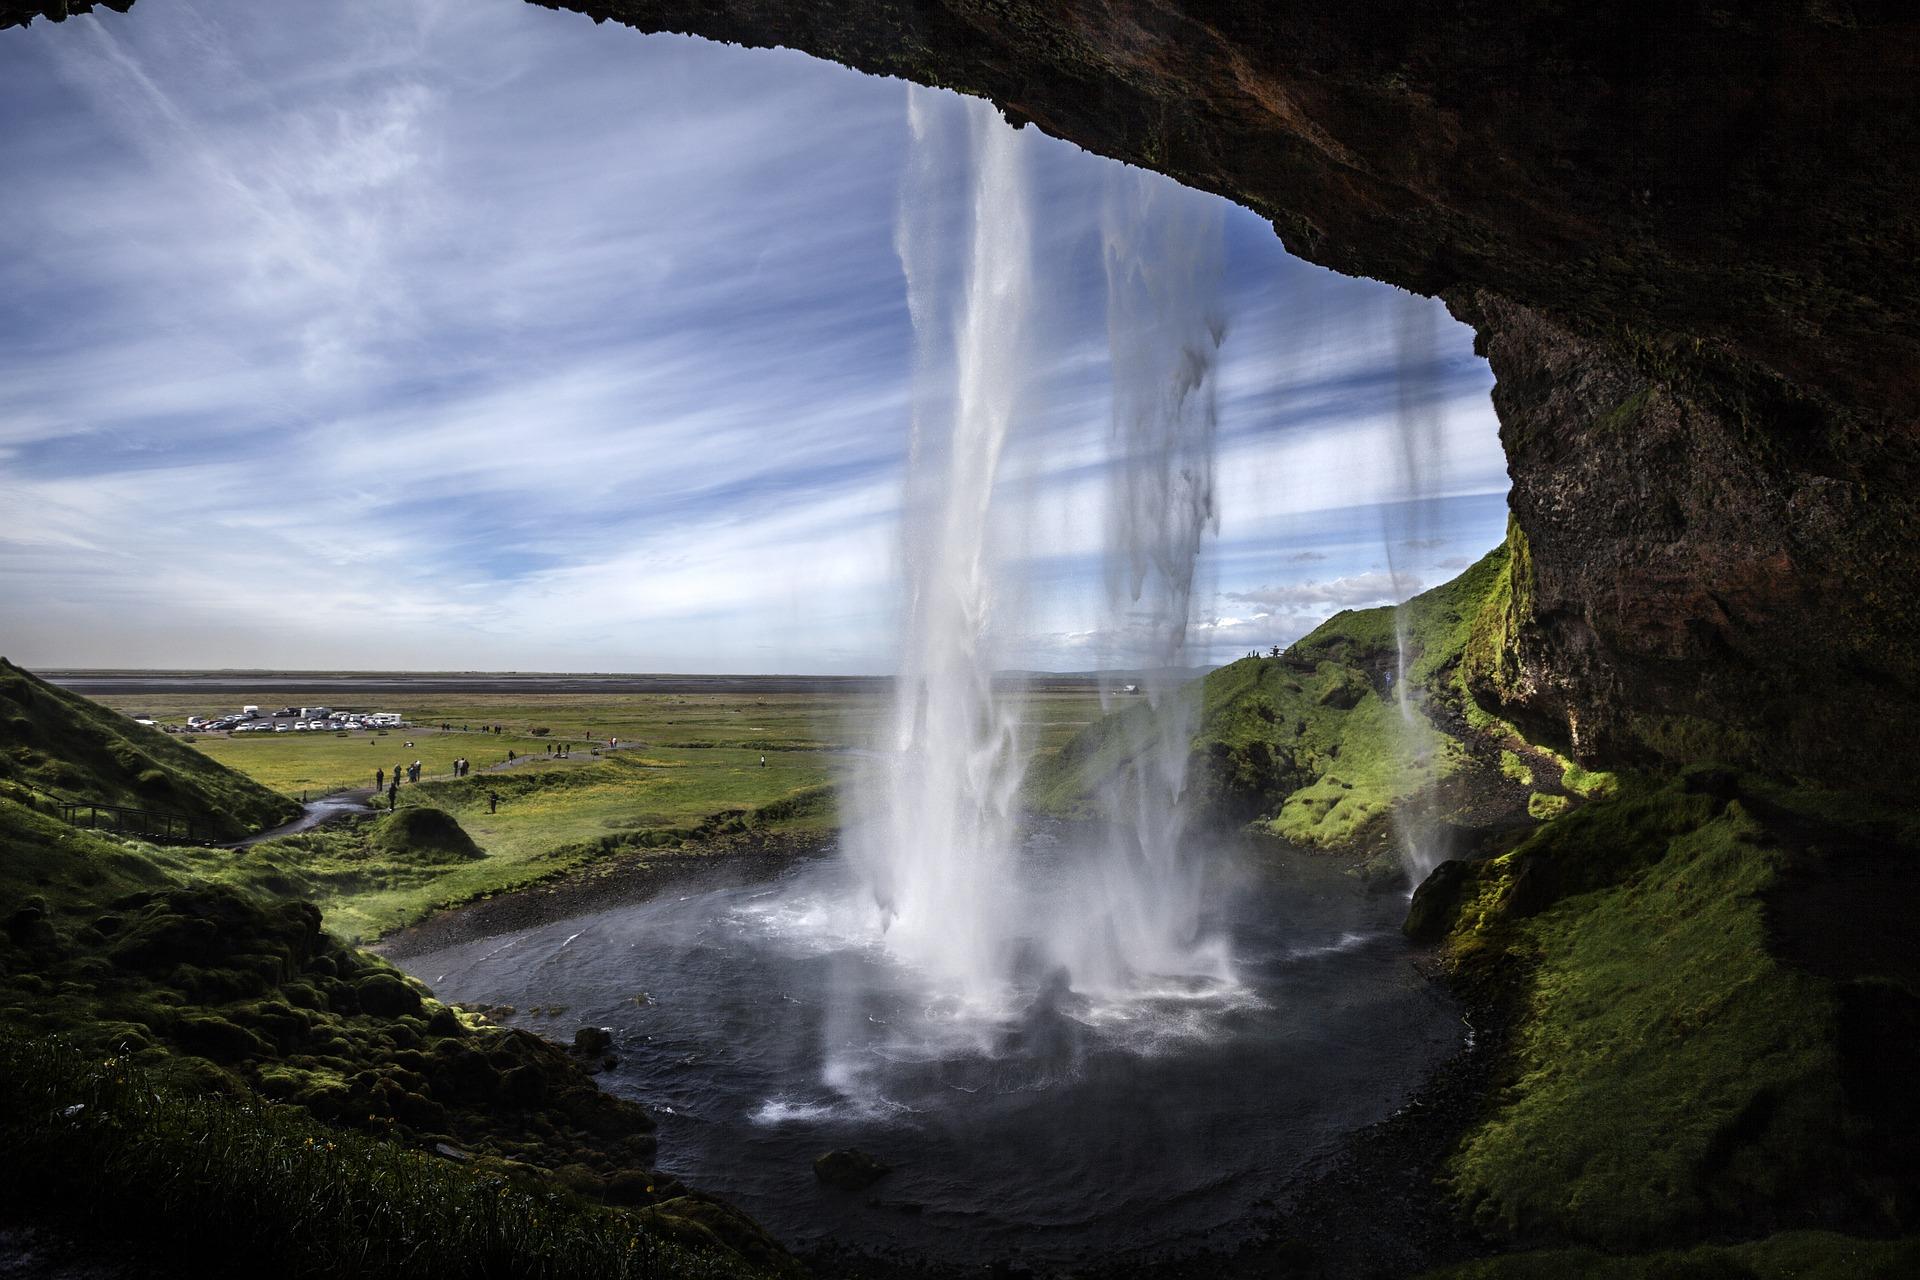 冰岛南岸塞里雅兰瀑布(Seljalandsfoss)